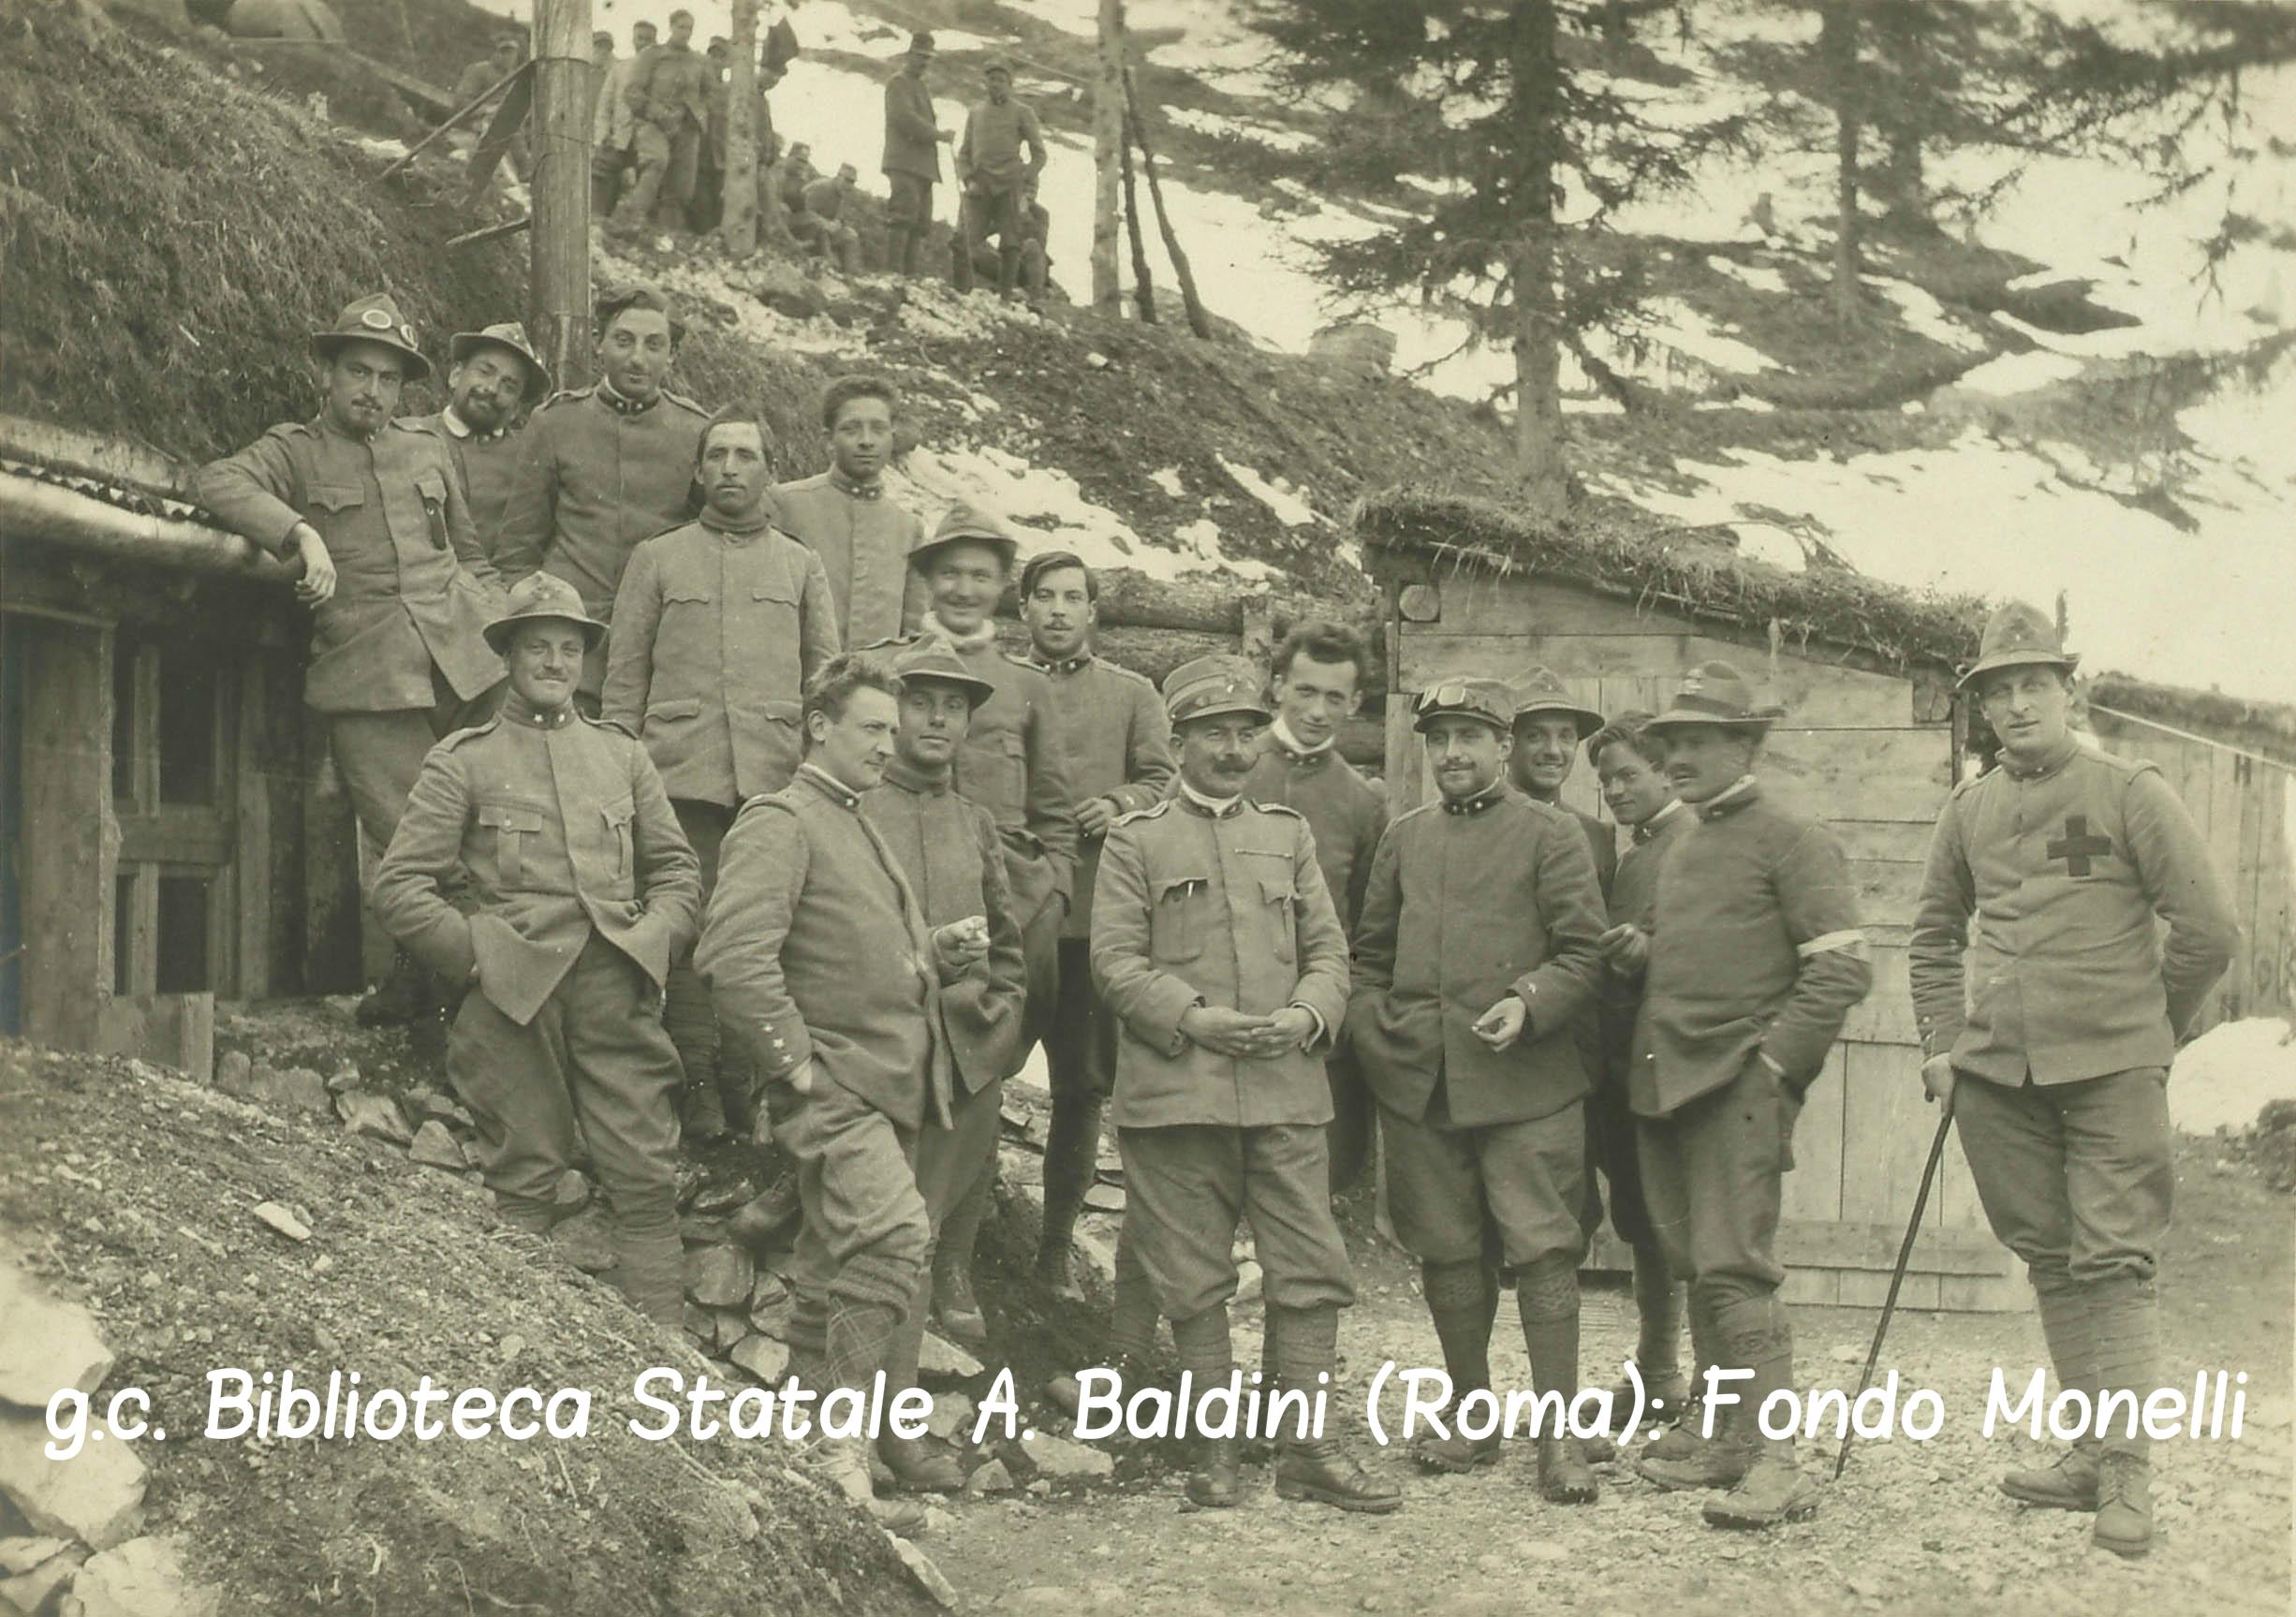 104577 Compagnia di alpini accanto a delle baracche.jpg